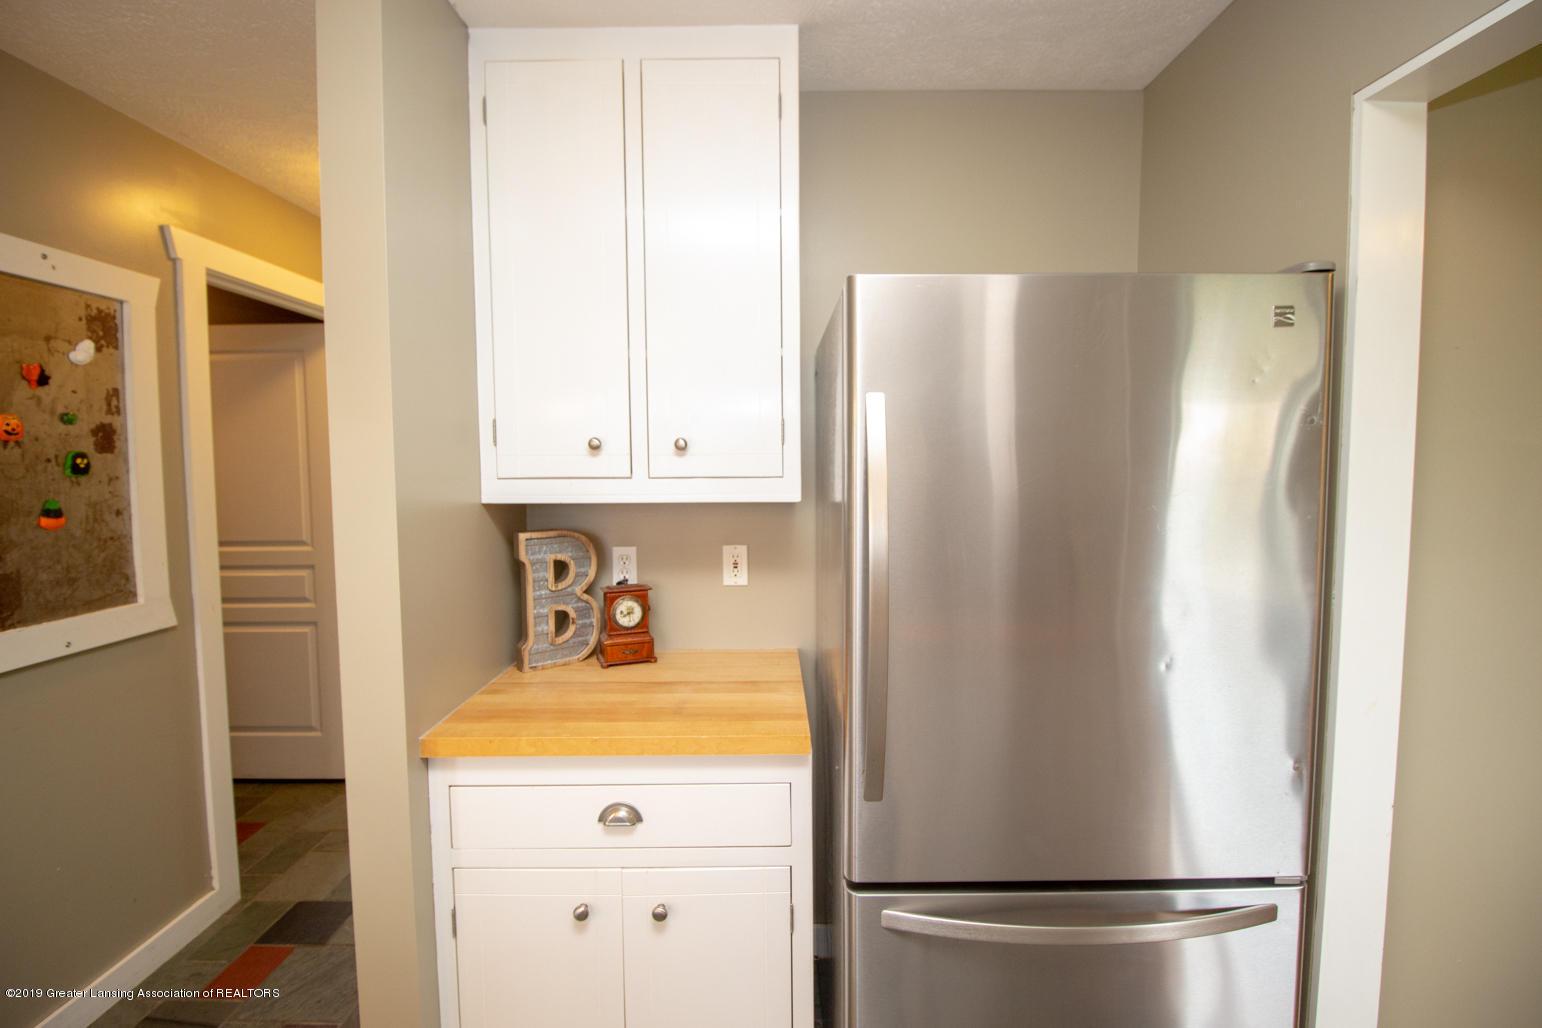 1562 S Waverly Rd - kitchen refrigerator - 7